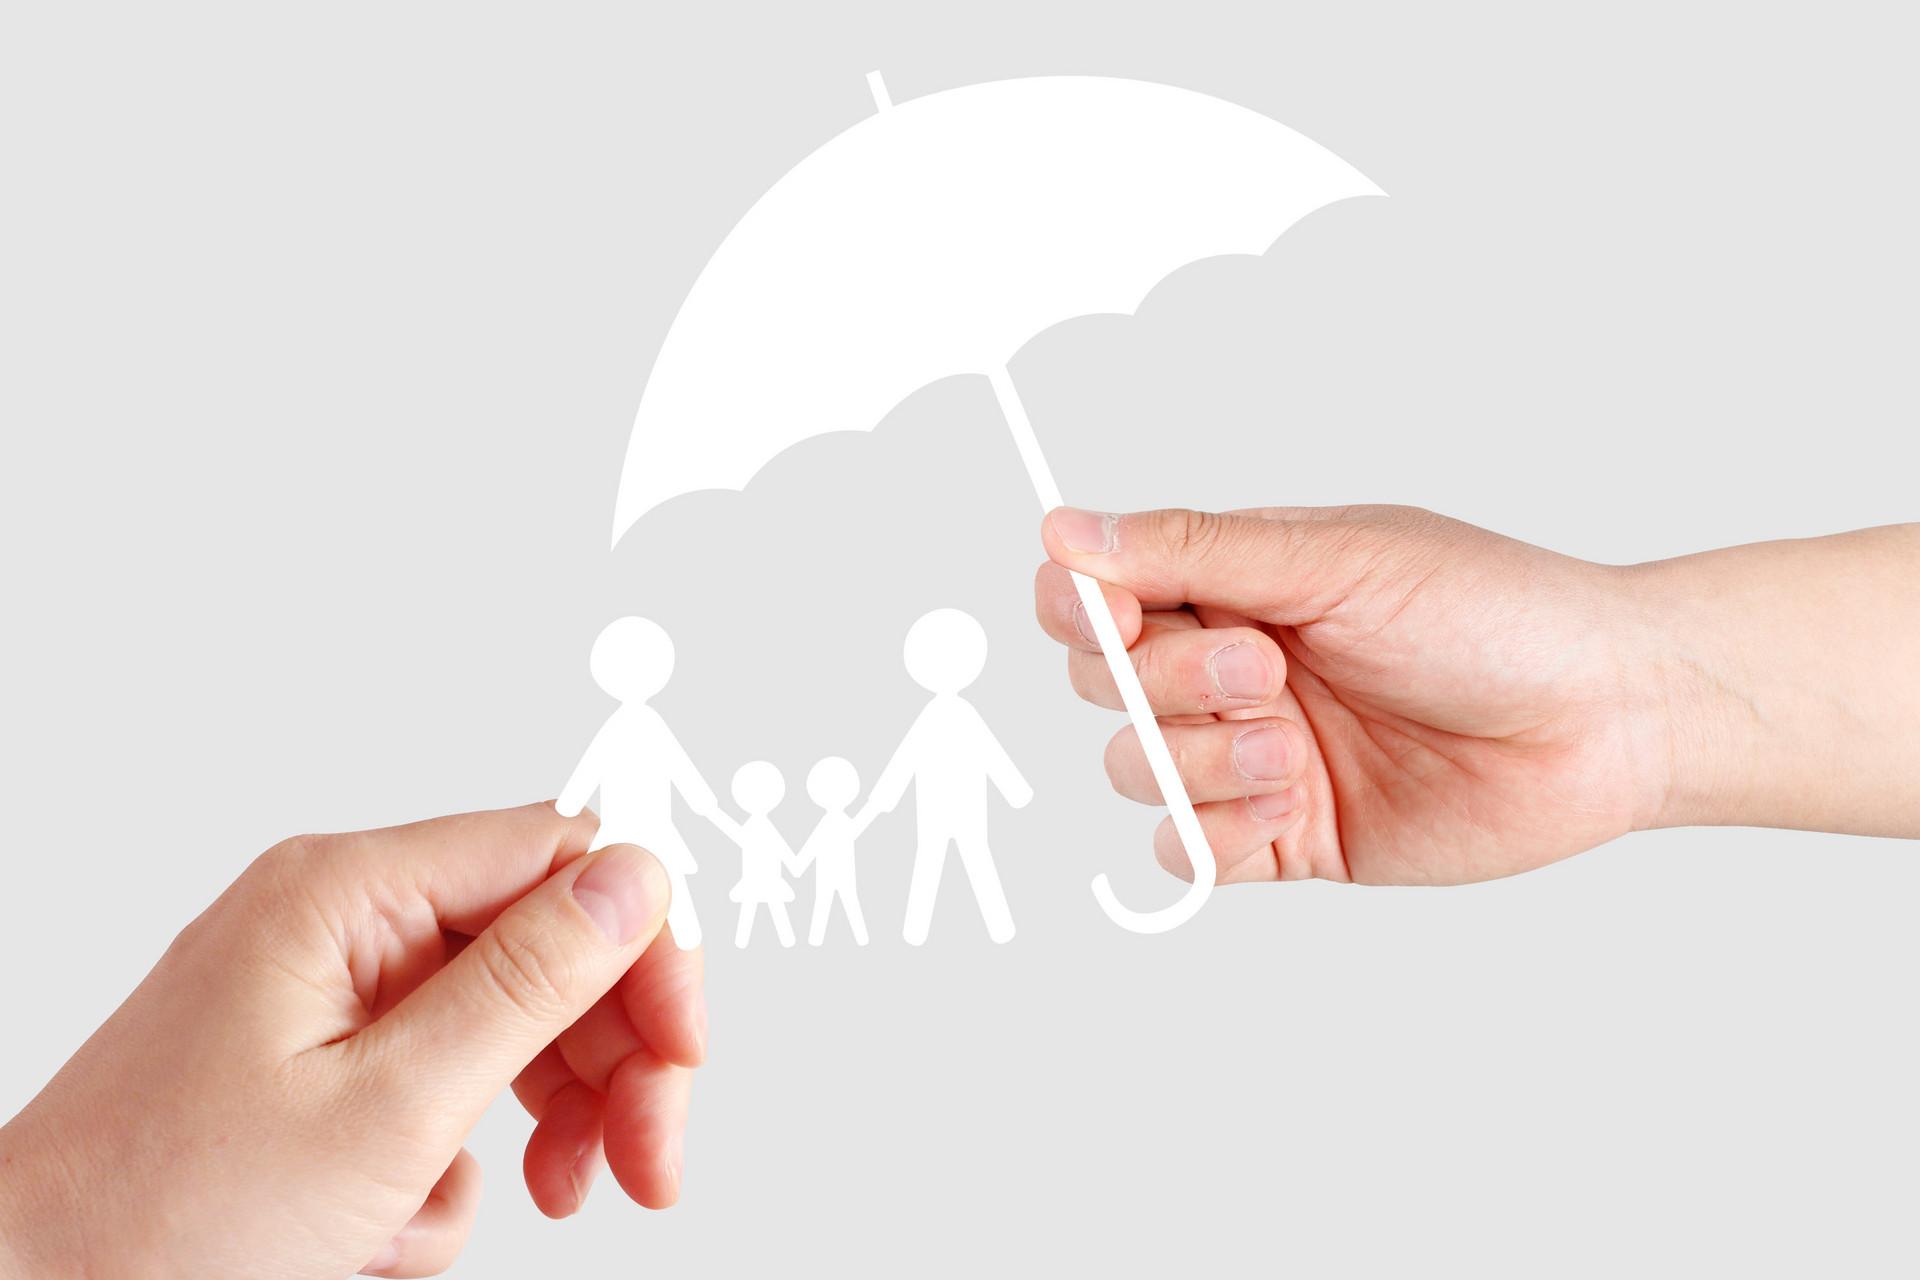 意外,疾病时,才发现保险是真正的救星